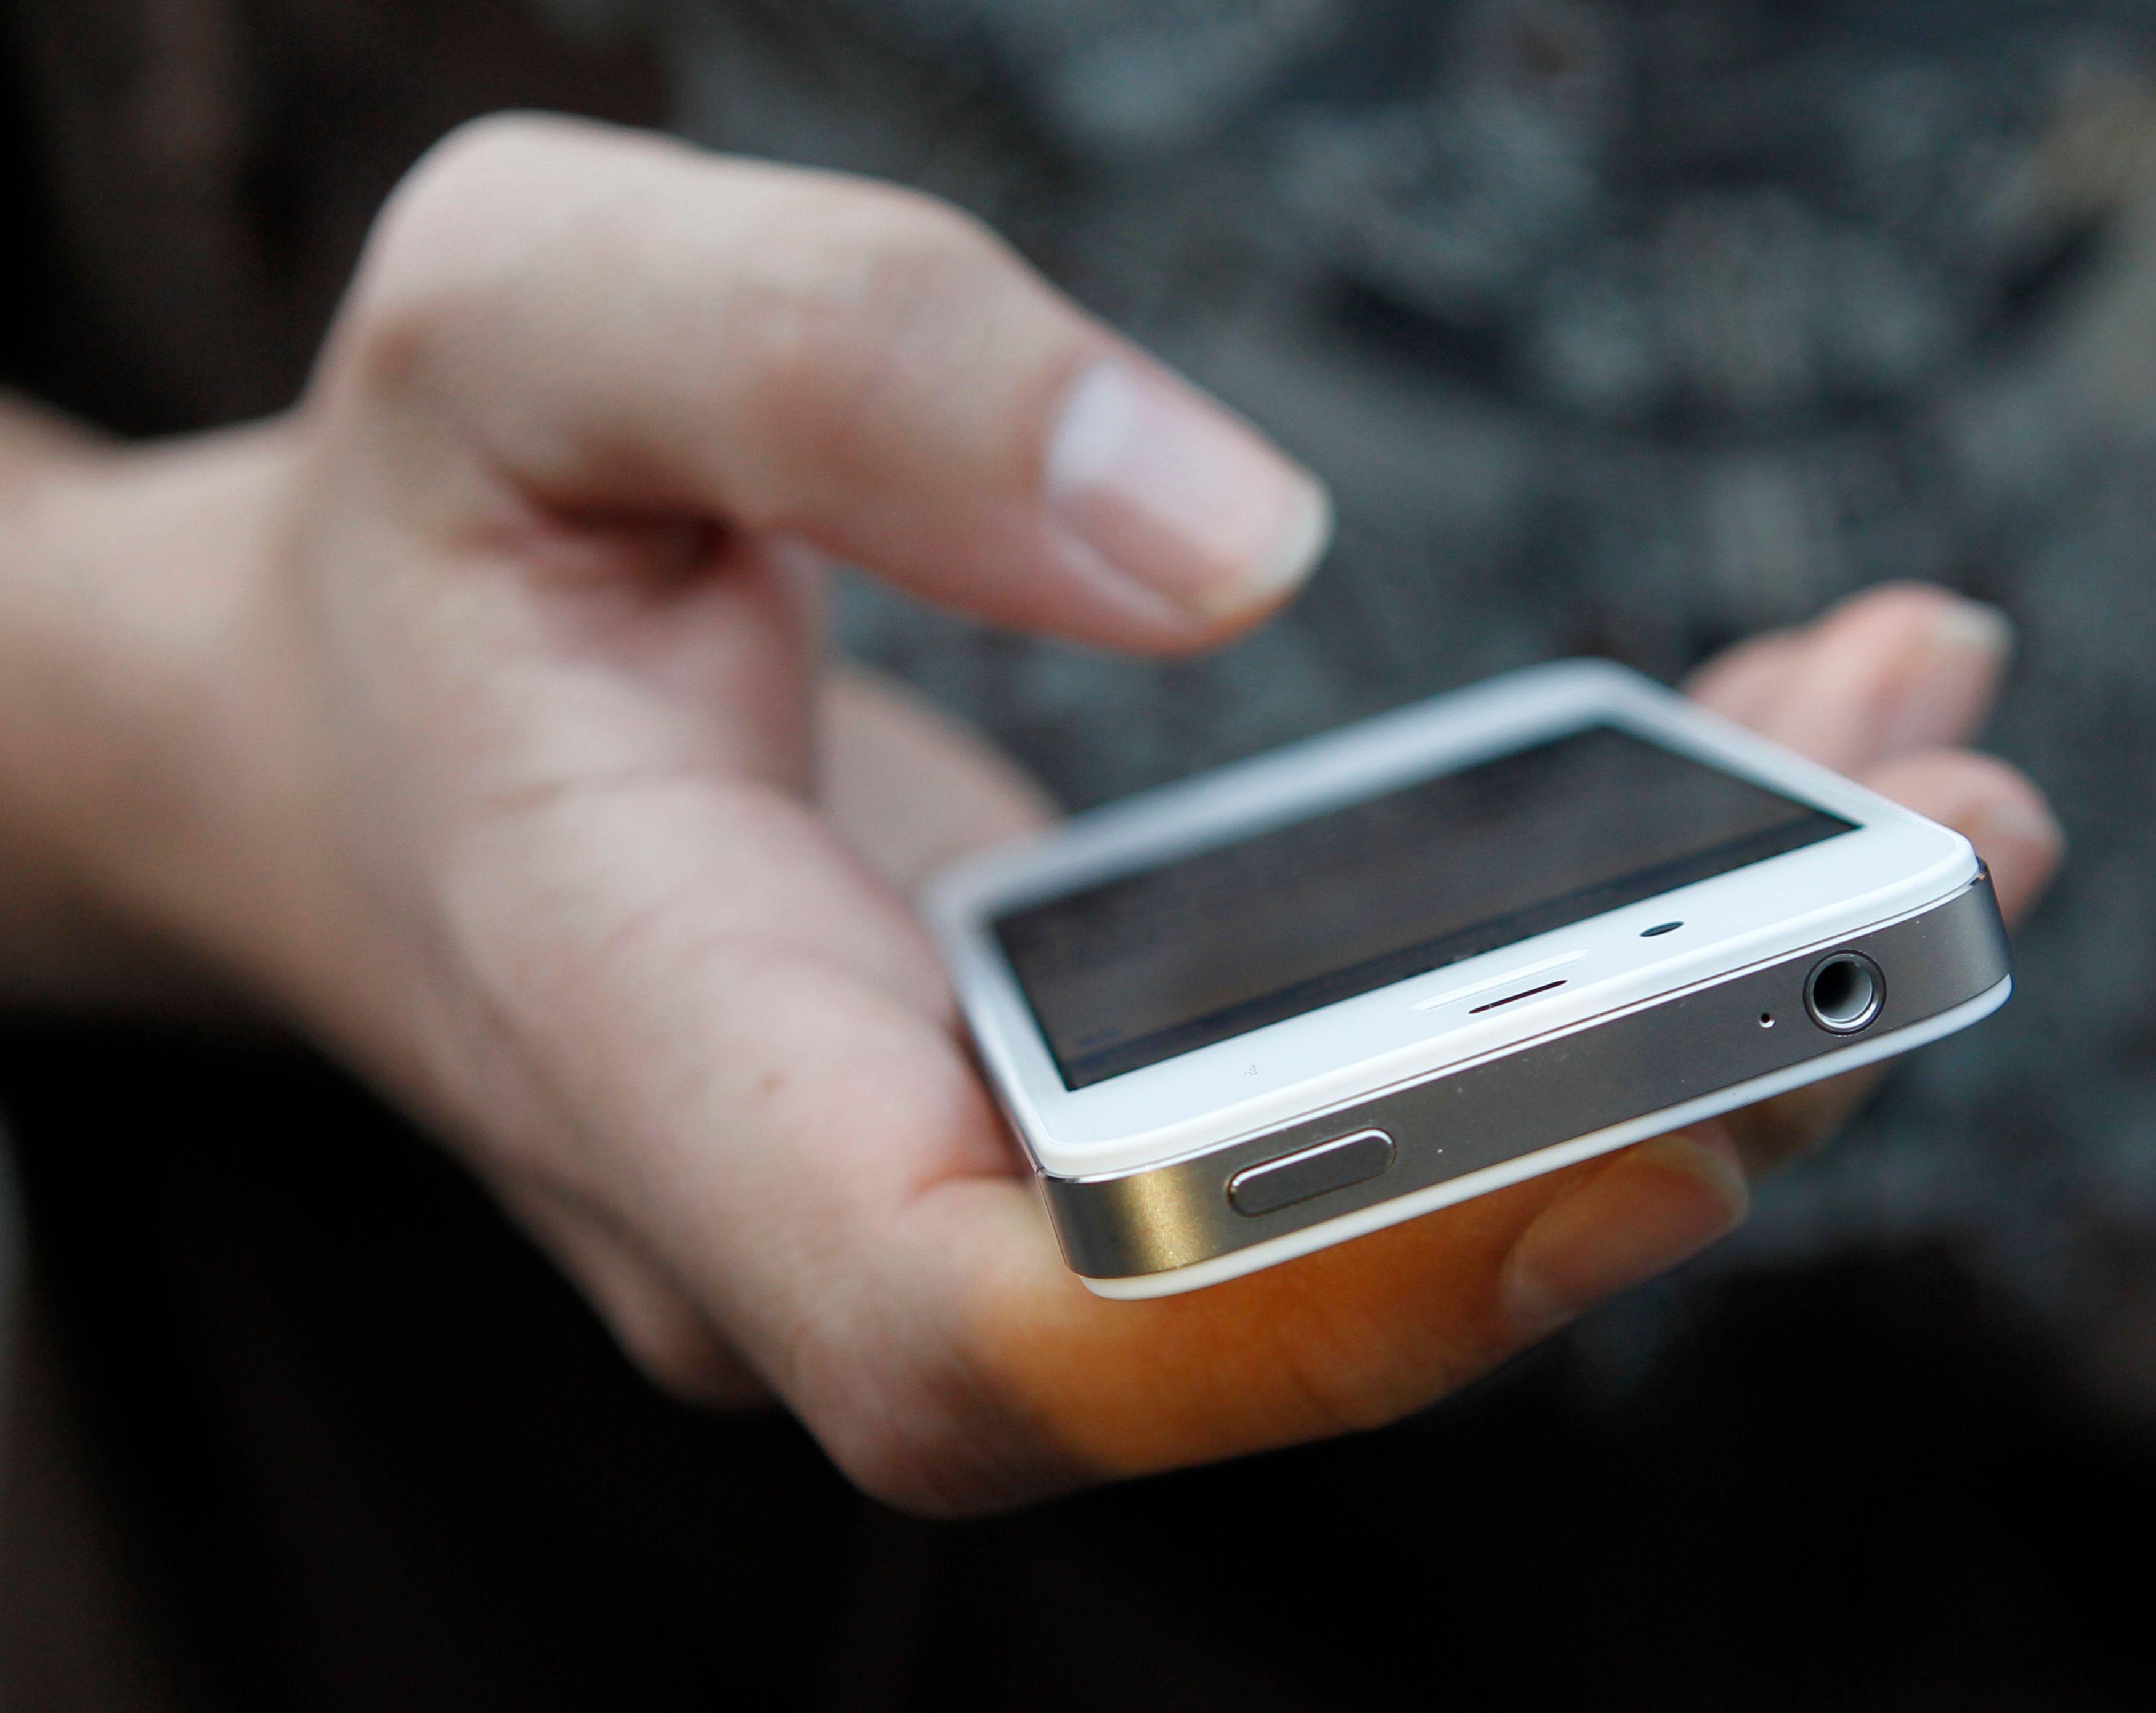 L'iPhone ne s'arrête jamais et passe son temps à rafraîchir les applications.